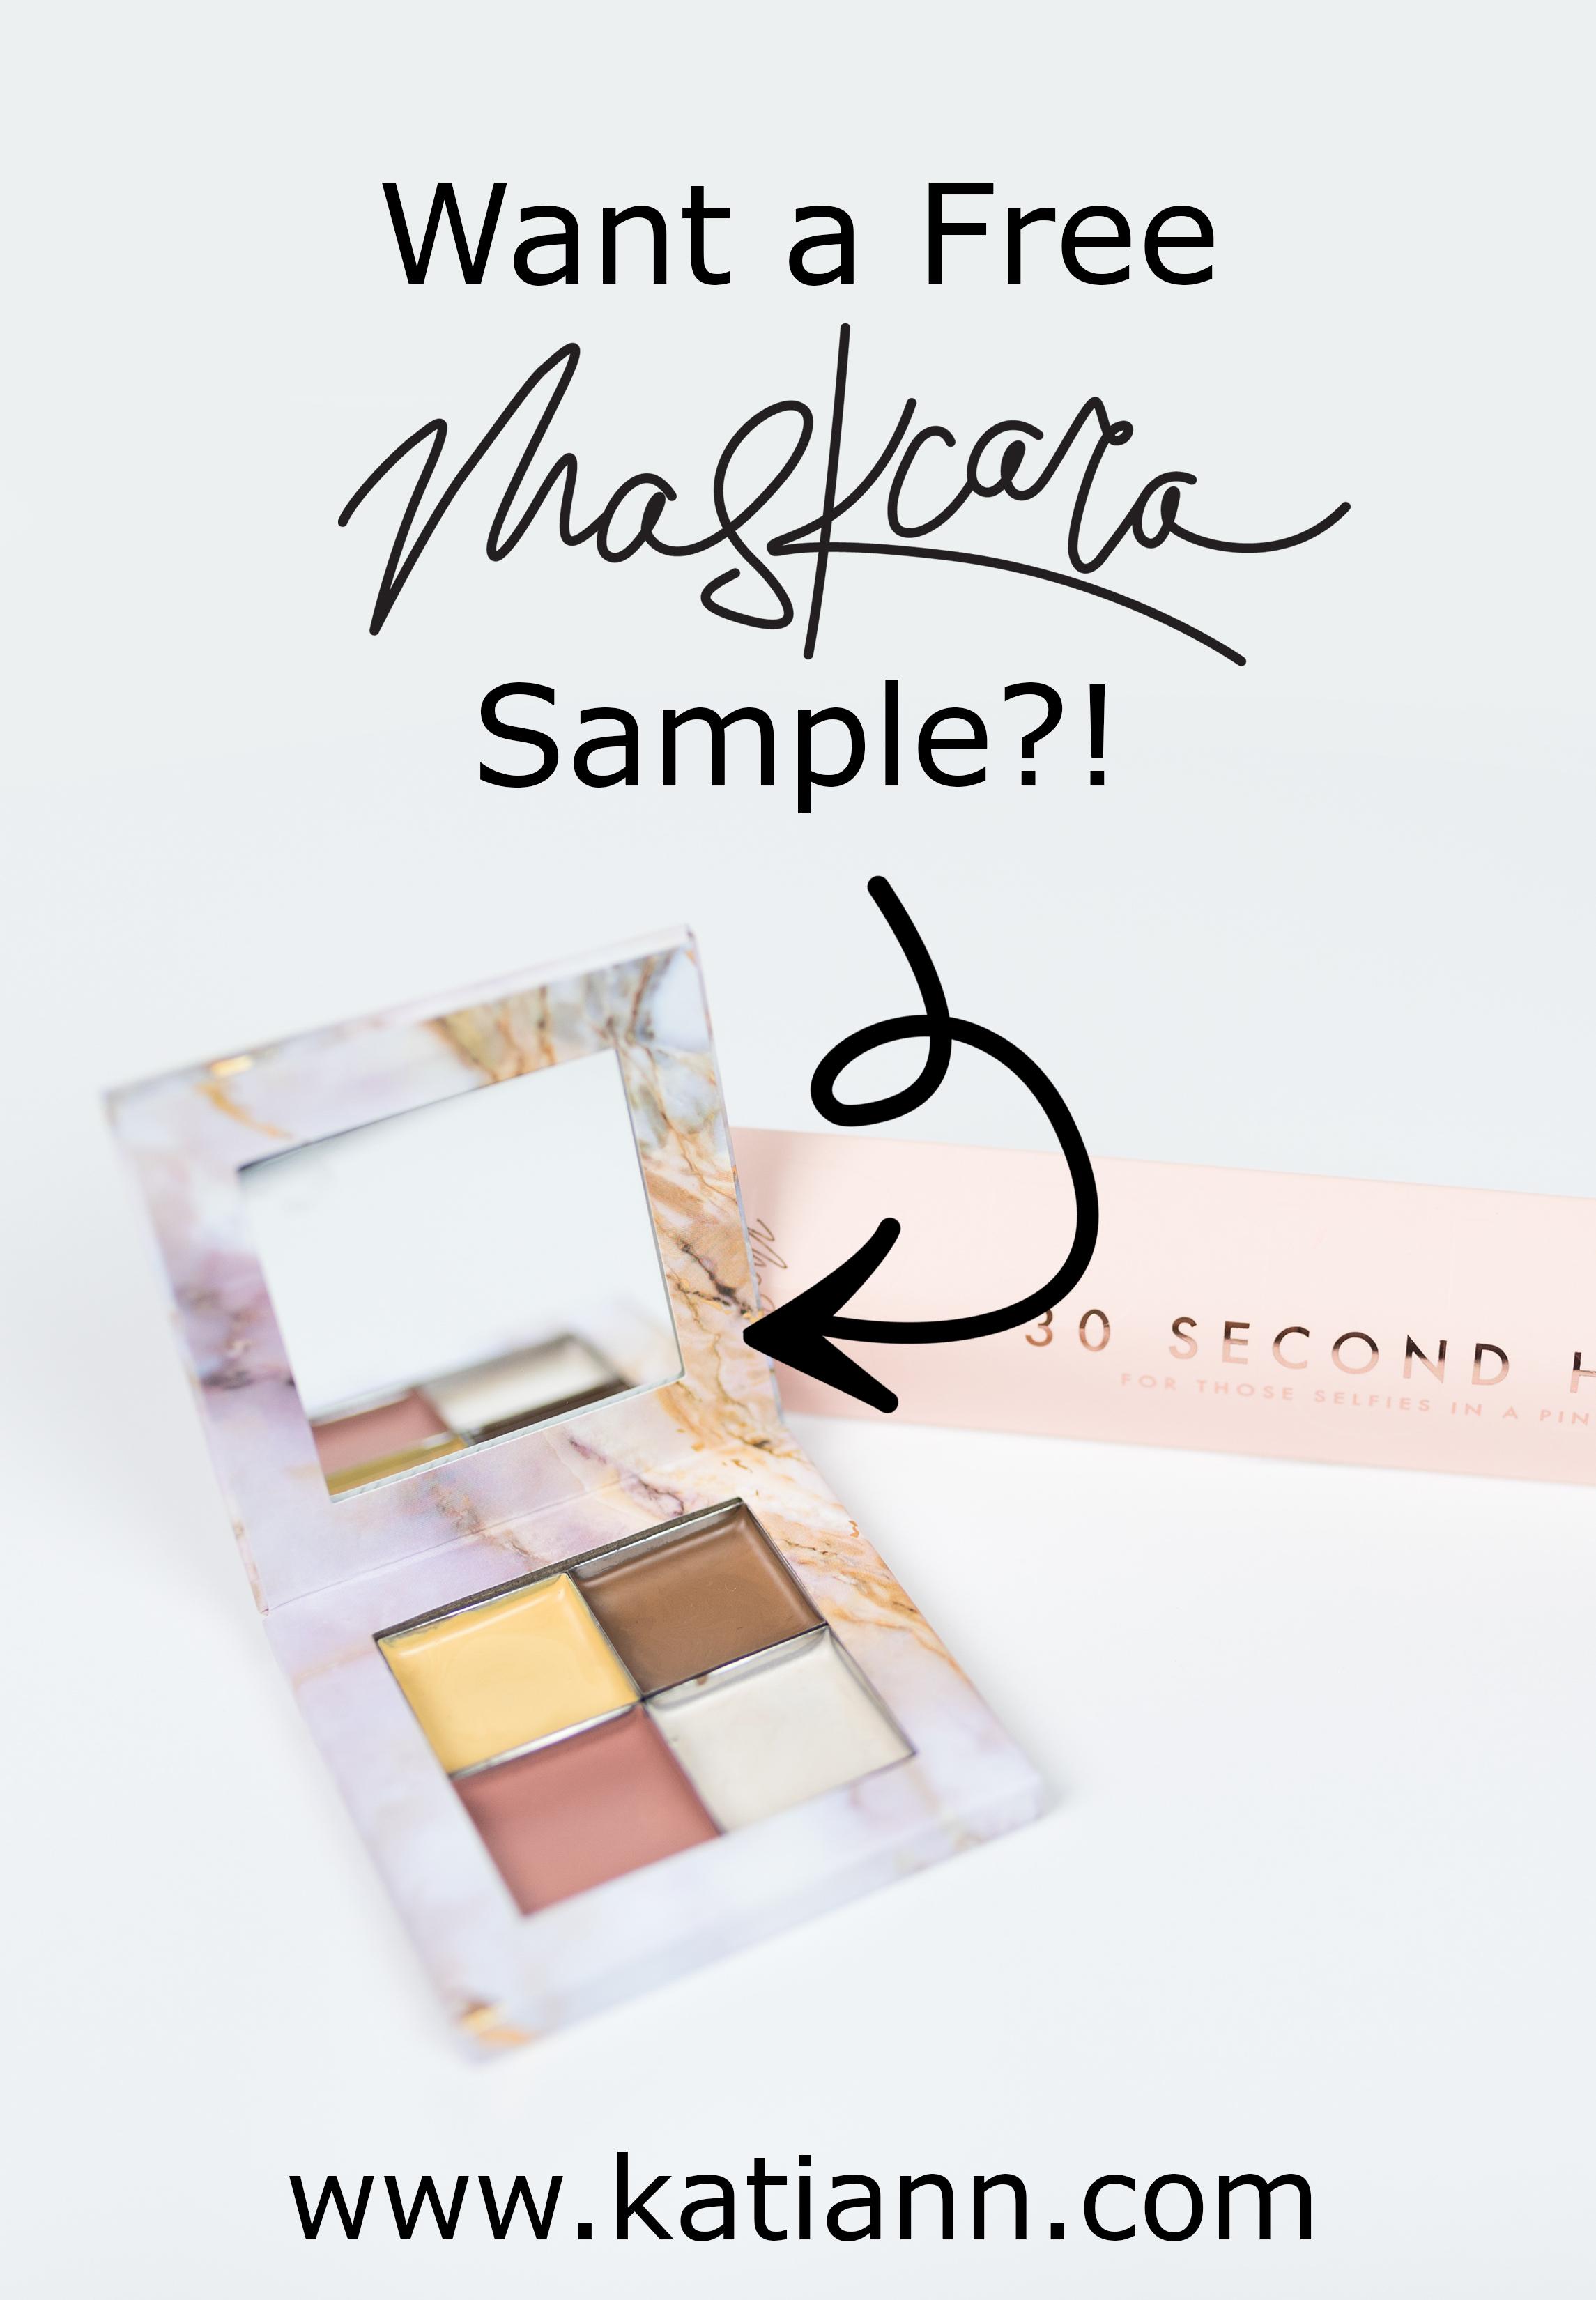 maskcara sample